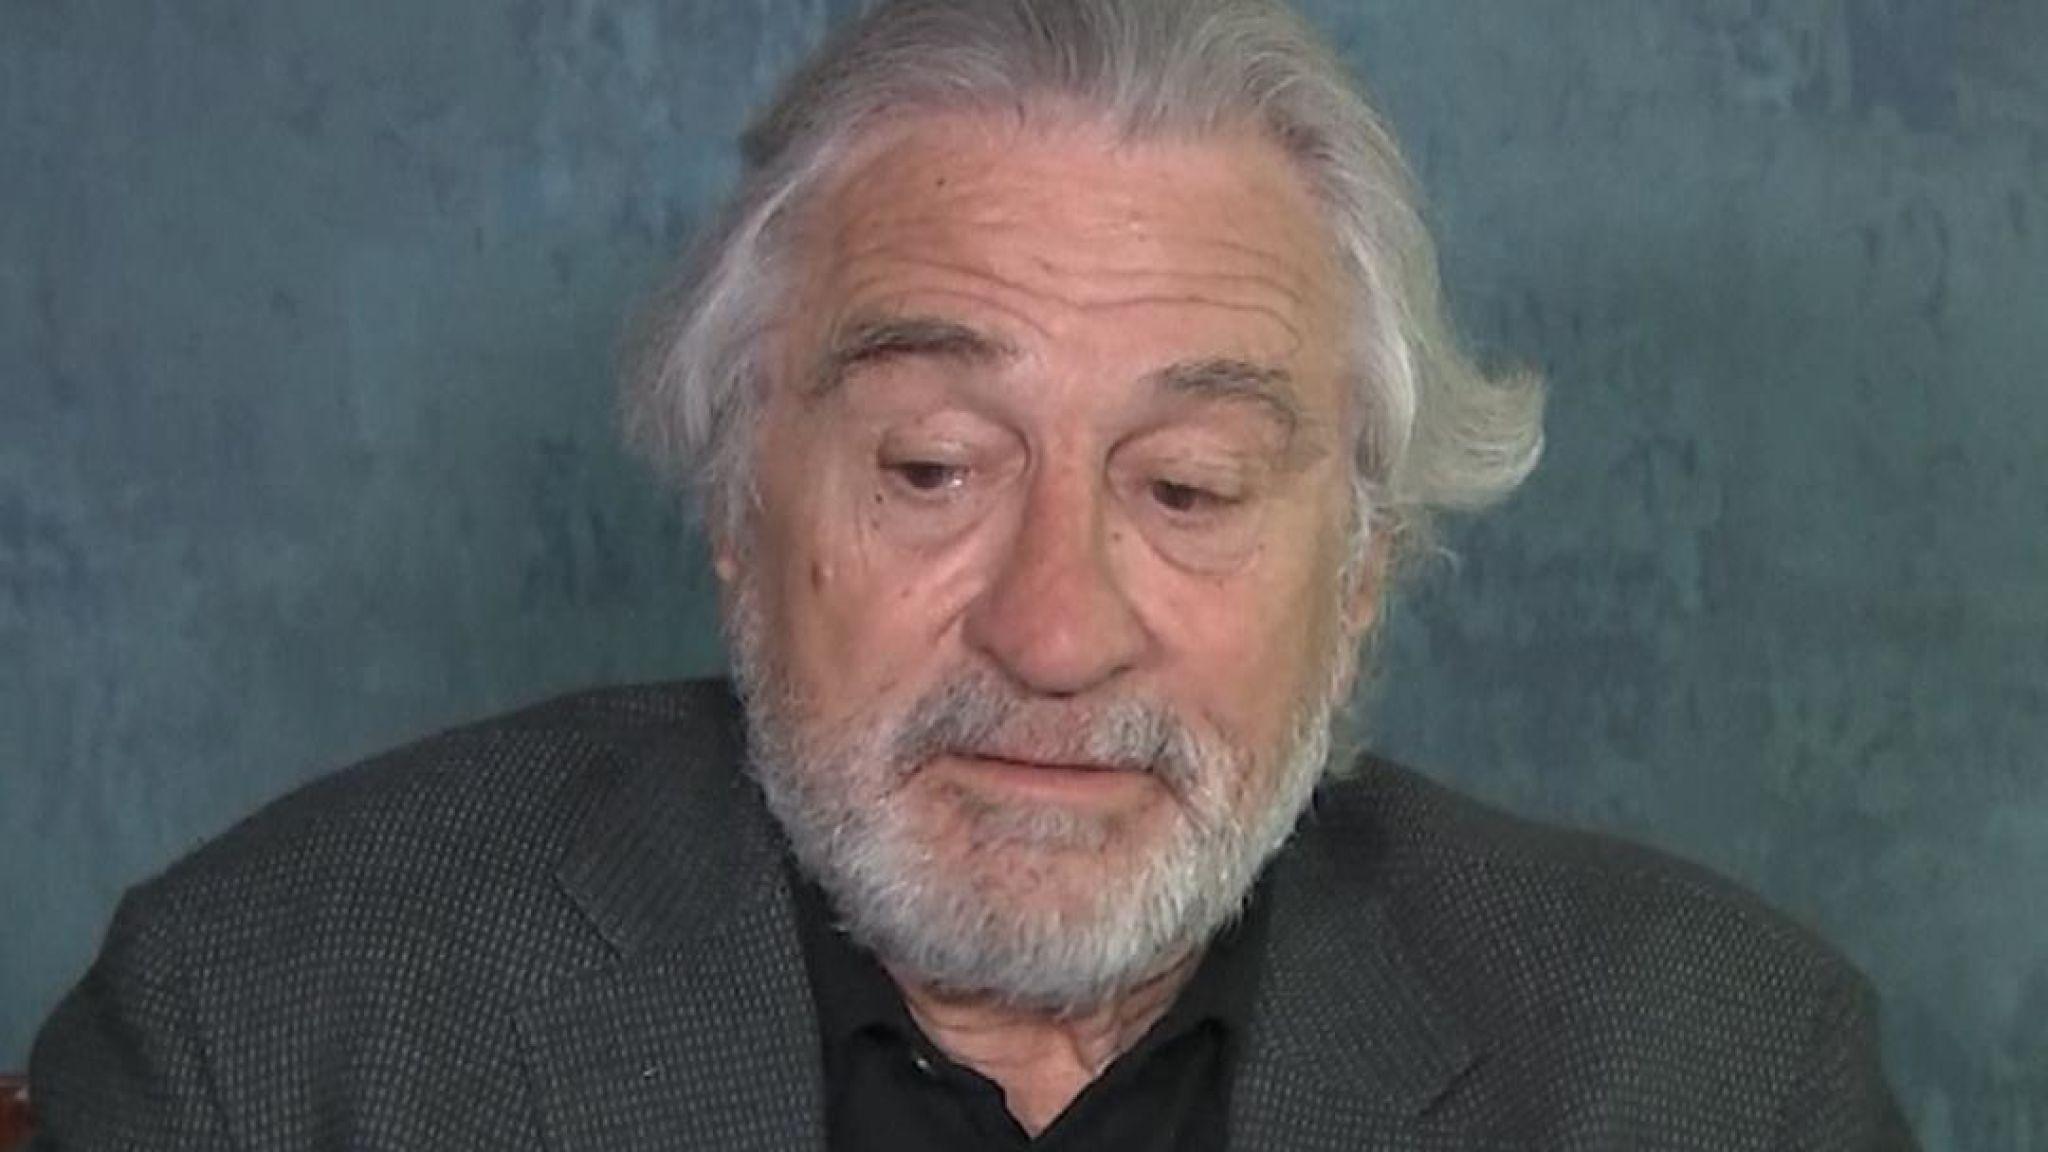 Robert De Niro has 'no words' to describe tragic death of Kobe Bryant